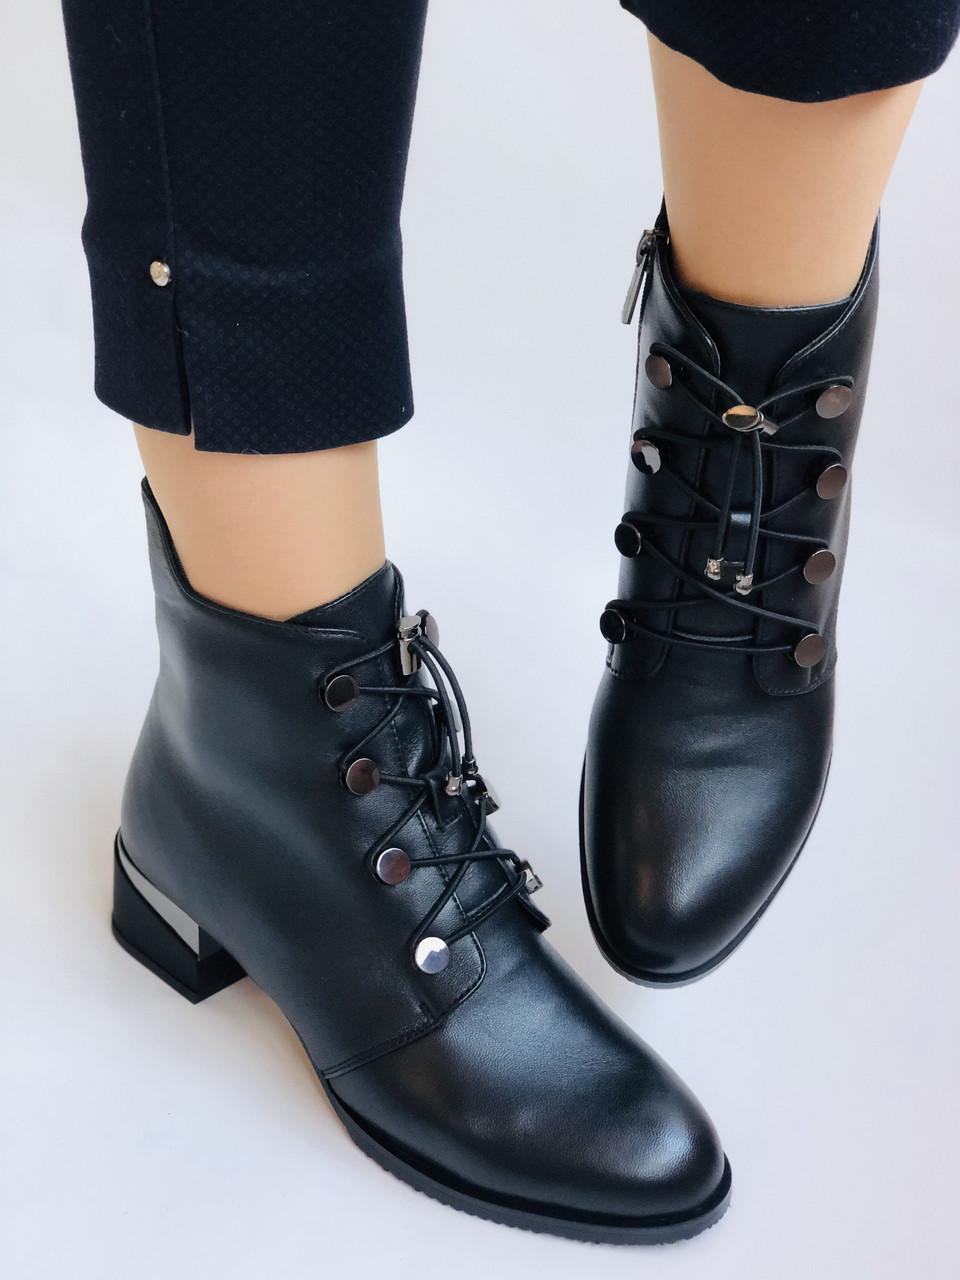 Erisses. Женские осенние ботинки из натуральной кожи на среднем каблуке на узкую ногу.  Размер 35.36.37.39.40